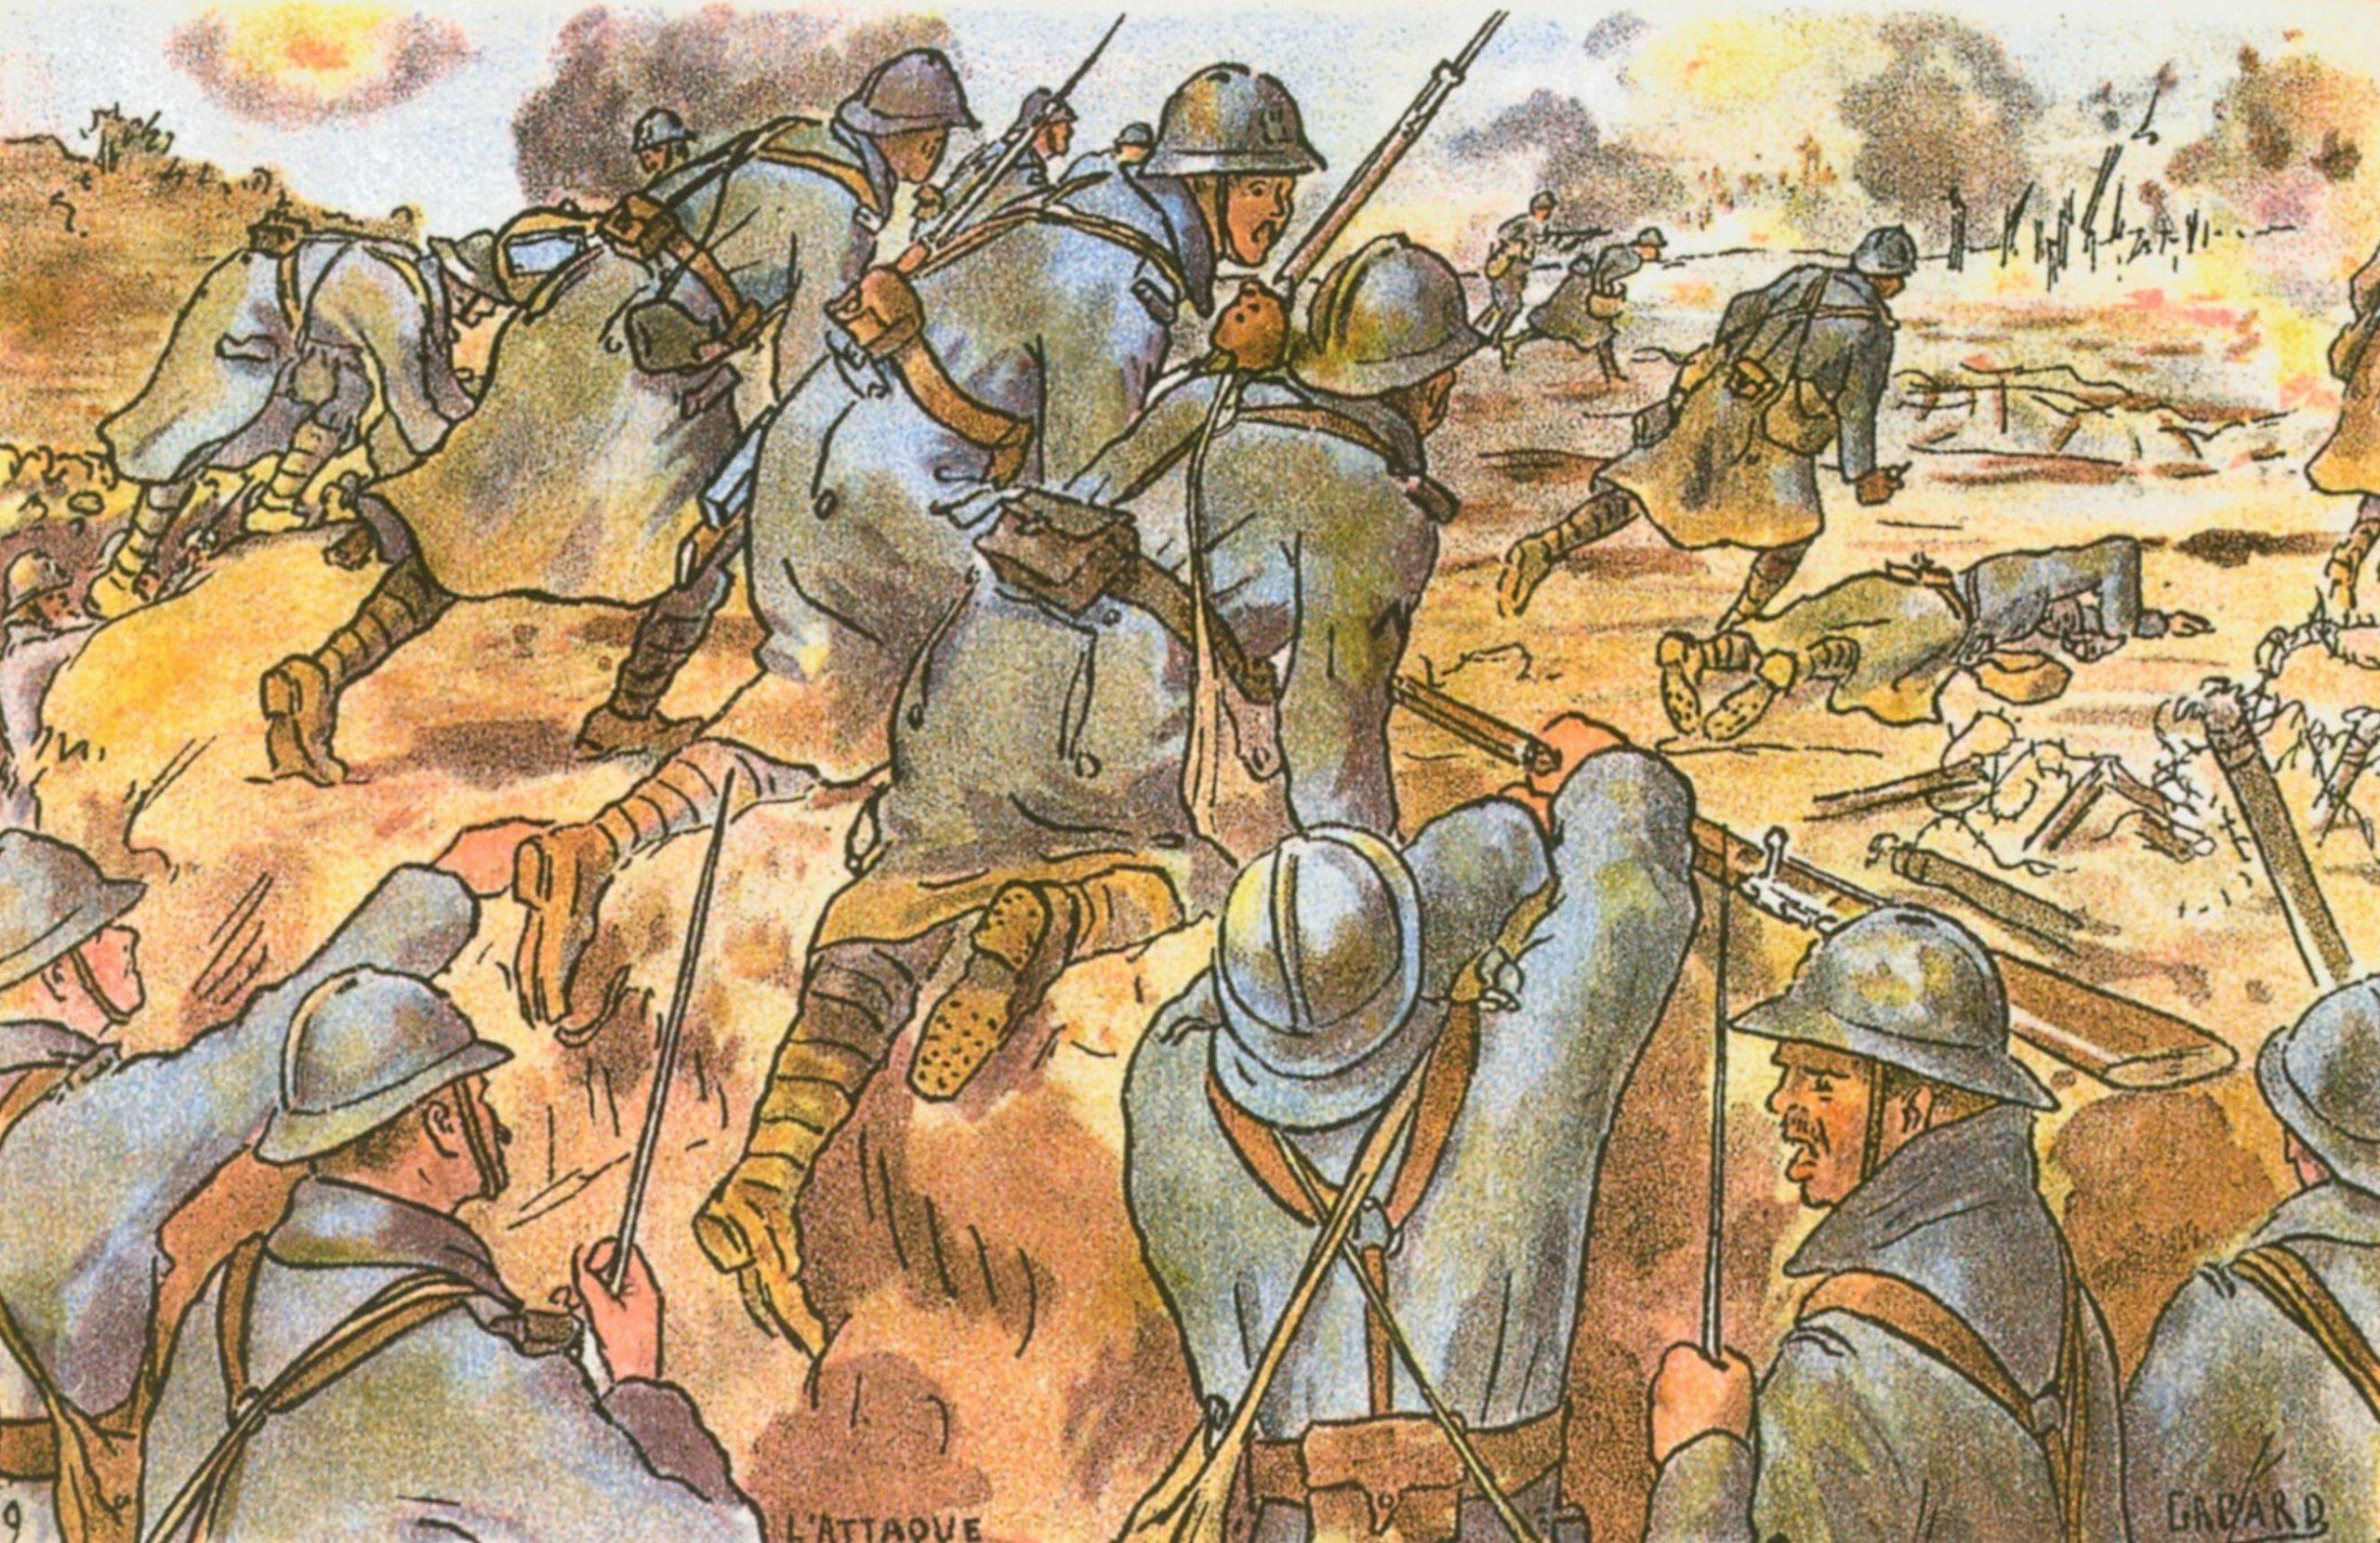 Colloque : Centenaire de la Première Guerre mondiale et ses conséquences